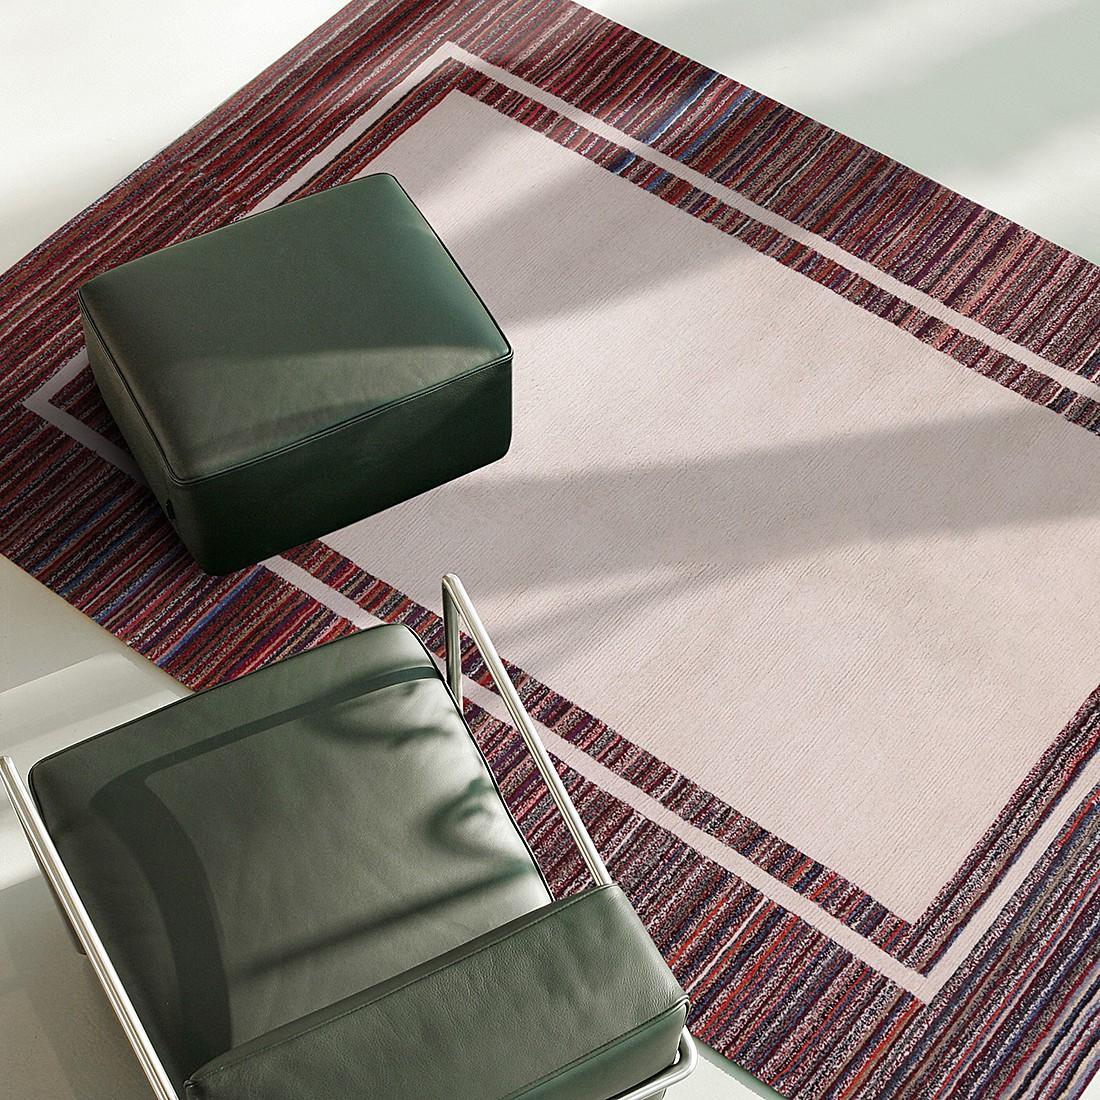 Nepalteppich Paggo – Wolle/Beige – 180 x 120 cm, Talis Teppiche online bestellen